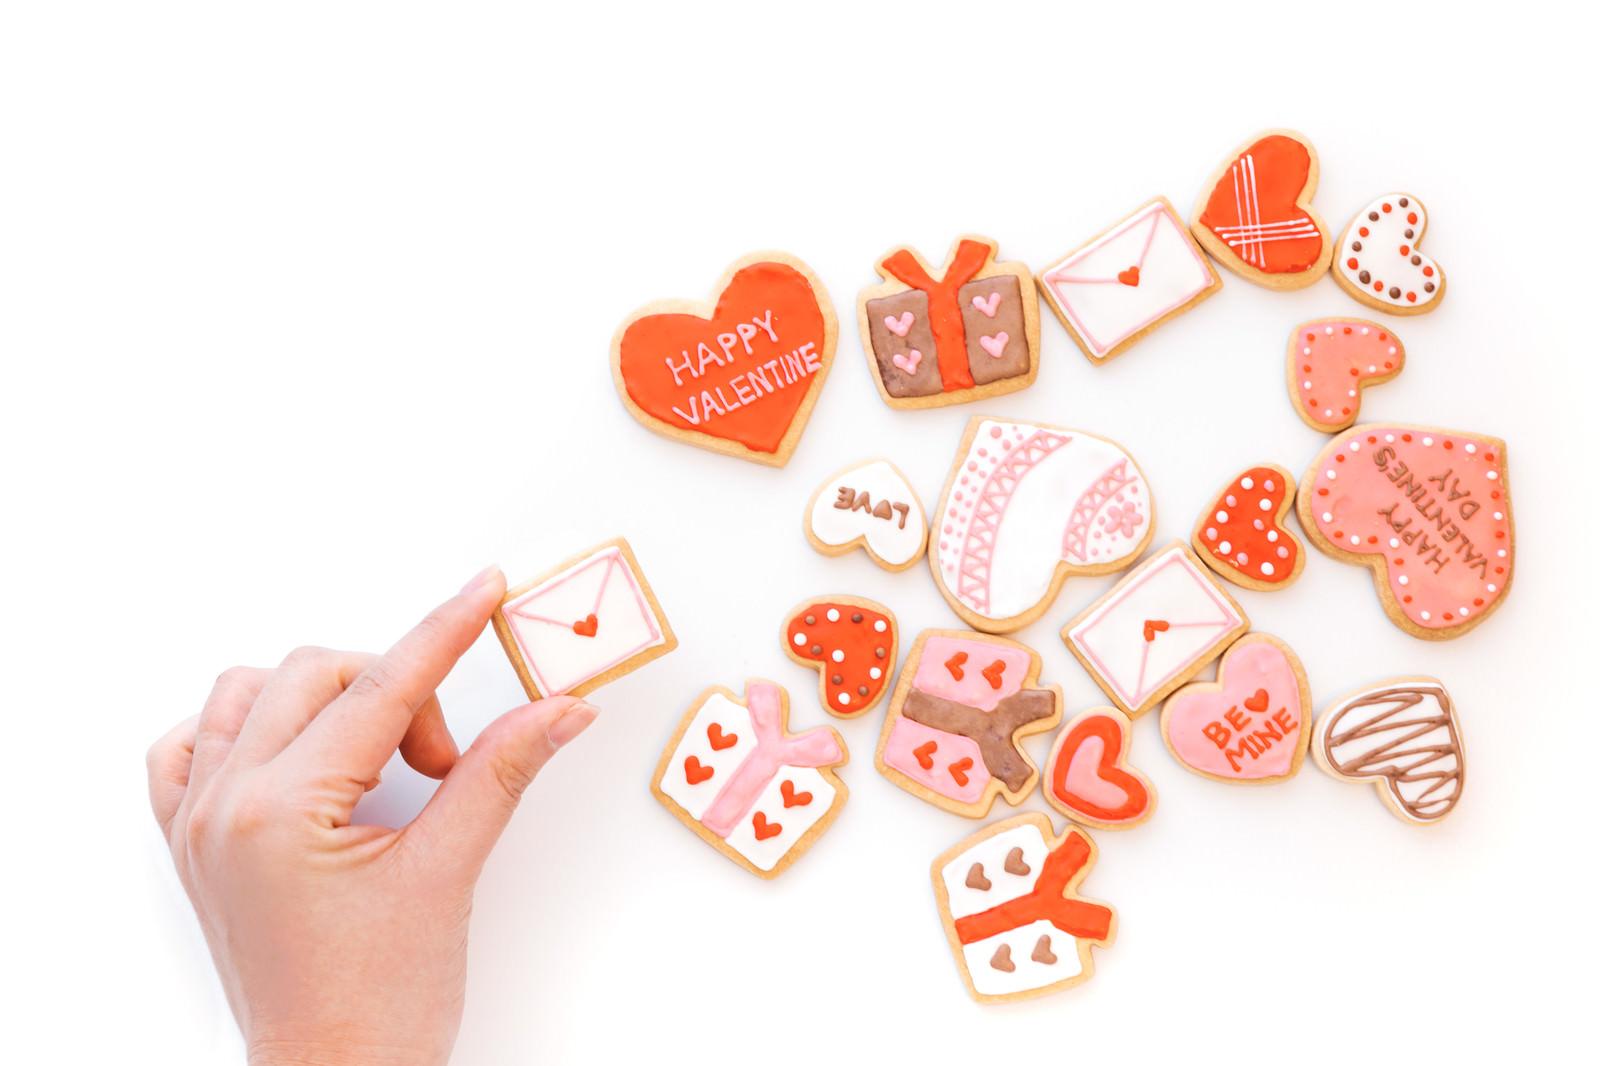 「バレンタイン用のラブレタークッキーを追加」の写真